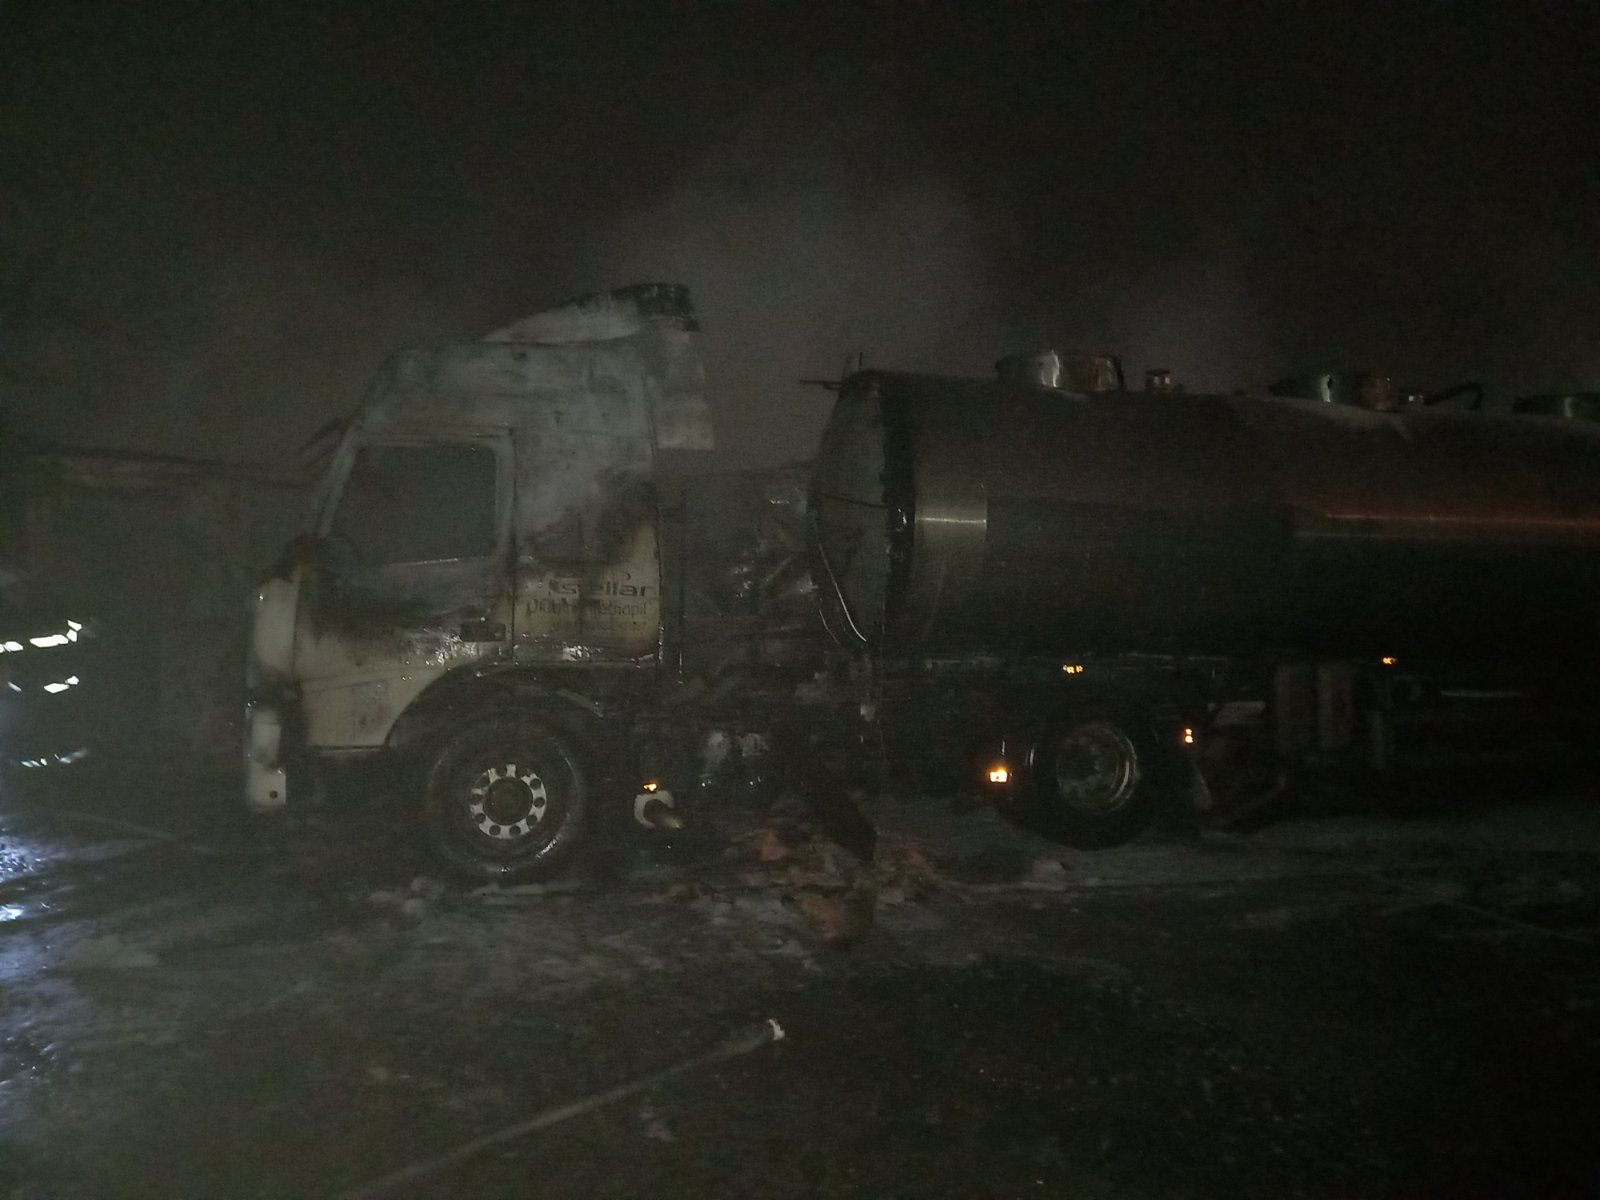 На Тетіївщині горіла вантажівка з двома гаражами - Тетіївський район, пожежа, загорання автомобіля, вантажівка - IMG 83d40ffaaeebc324aef72d2b5b76d4f9 V